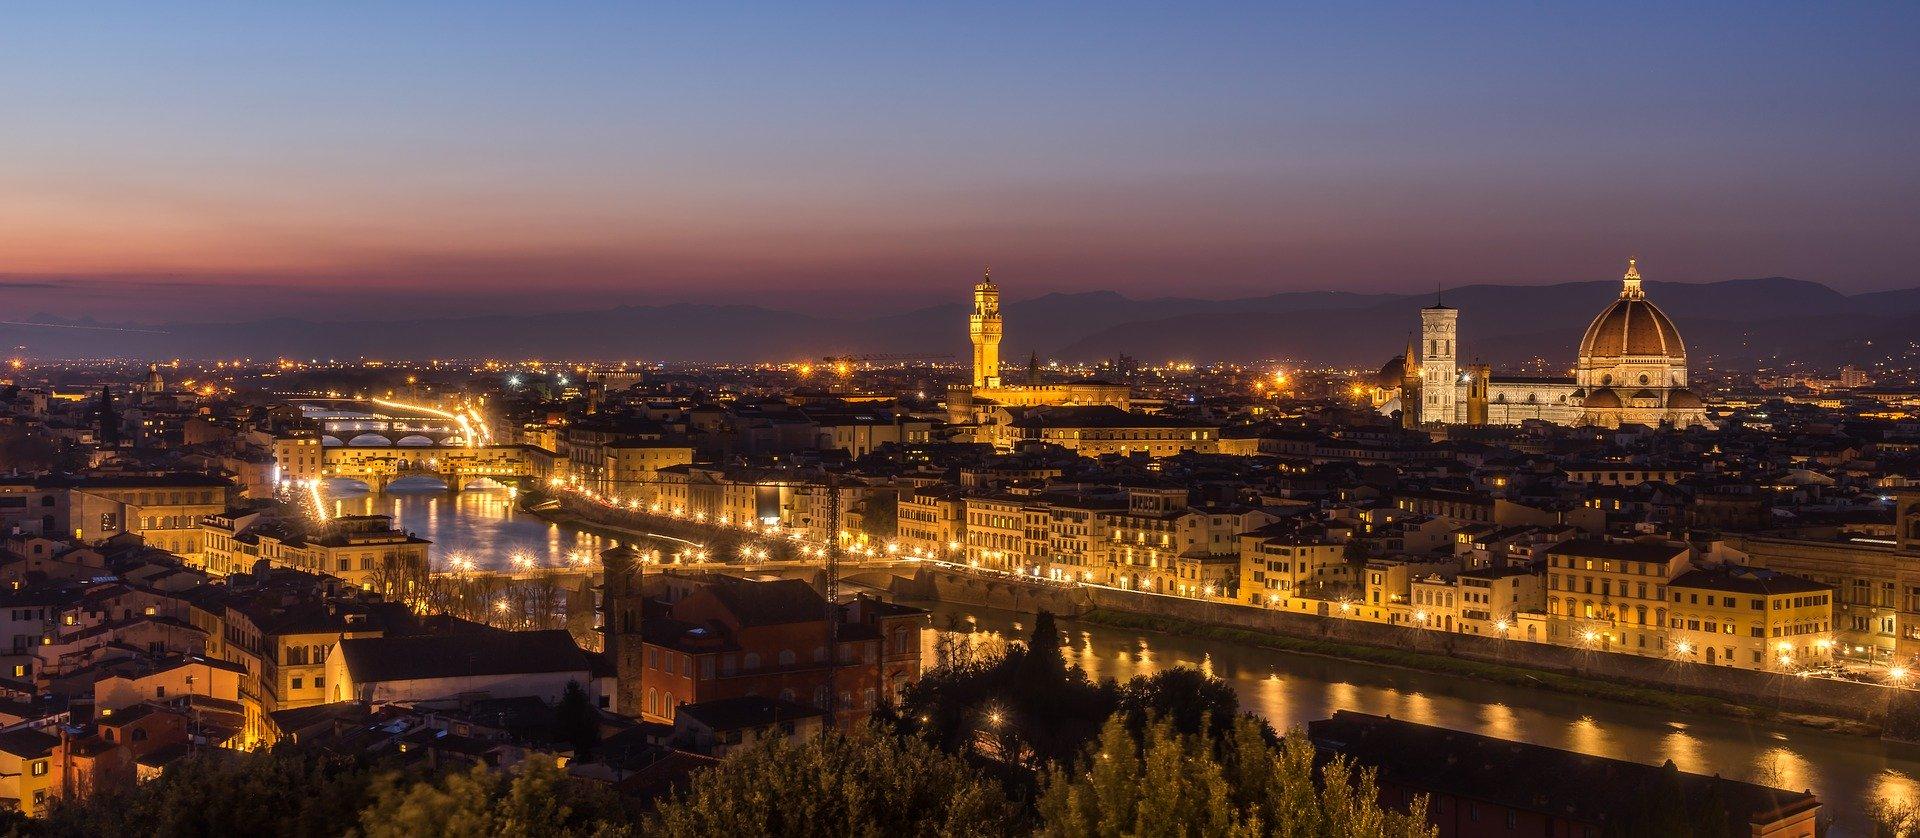 Epifania a Firenze 2020: